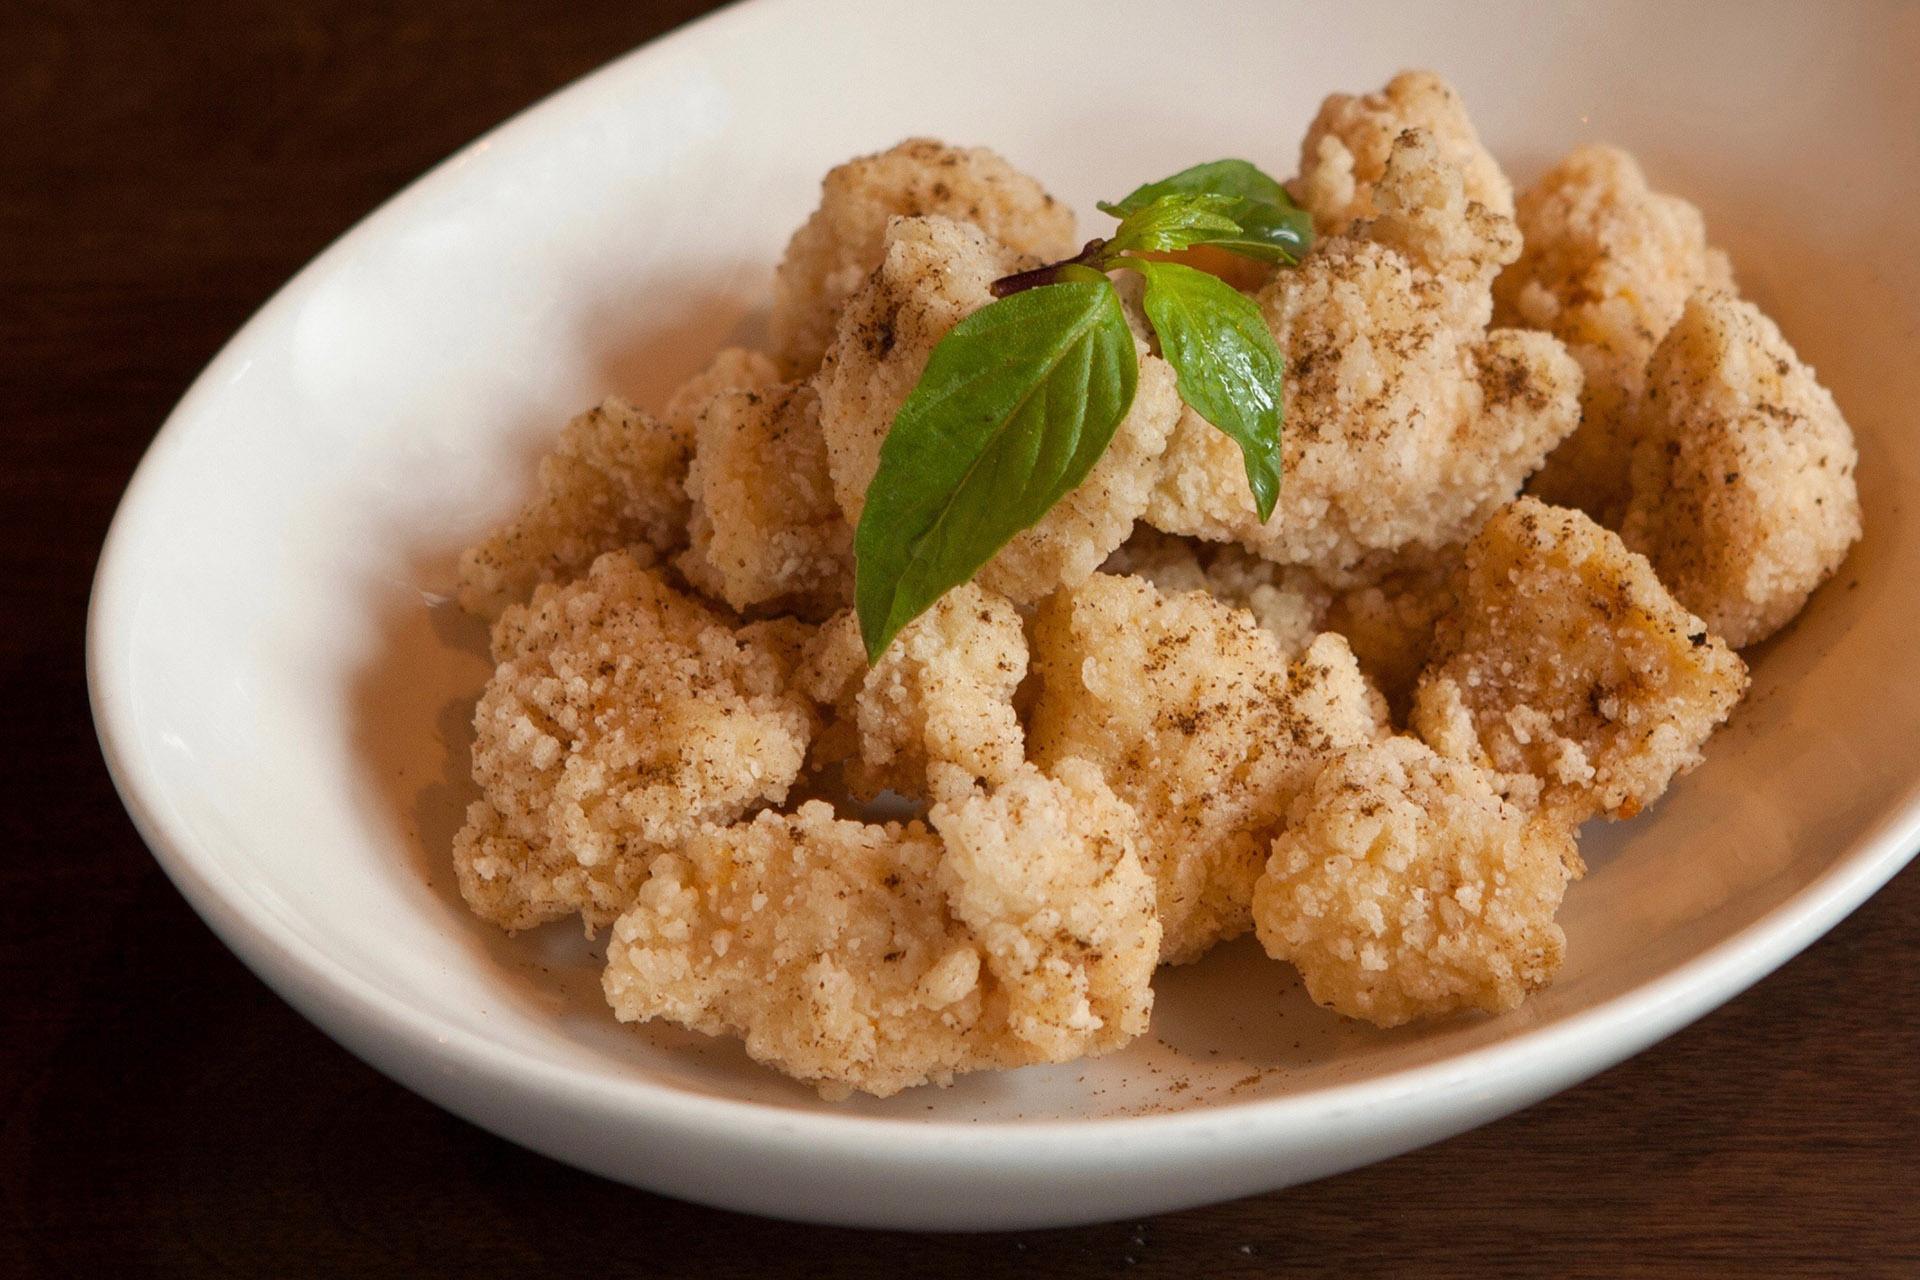 Salt & Pepper Chicken at Lee Chen Asian Bistro